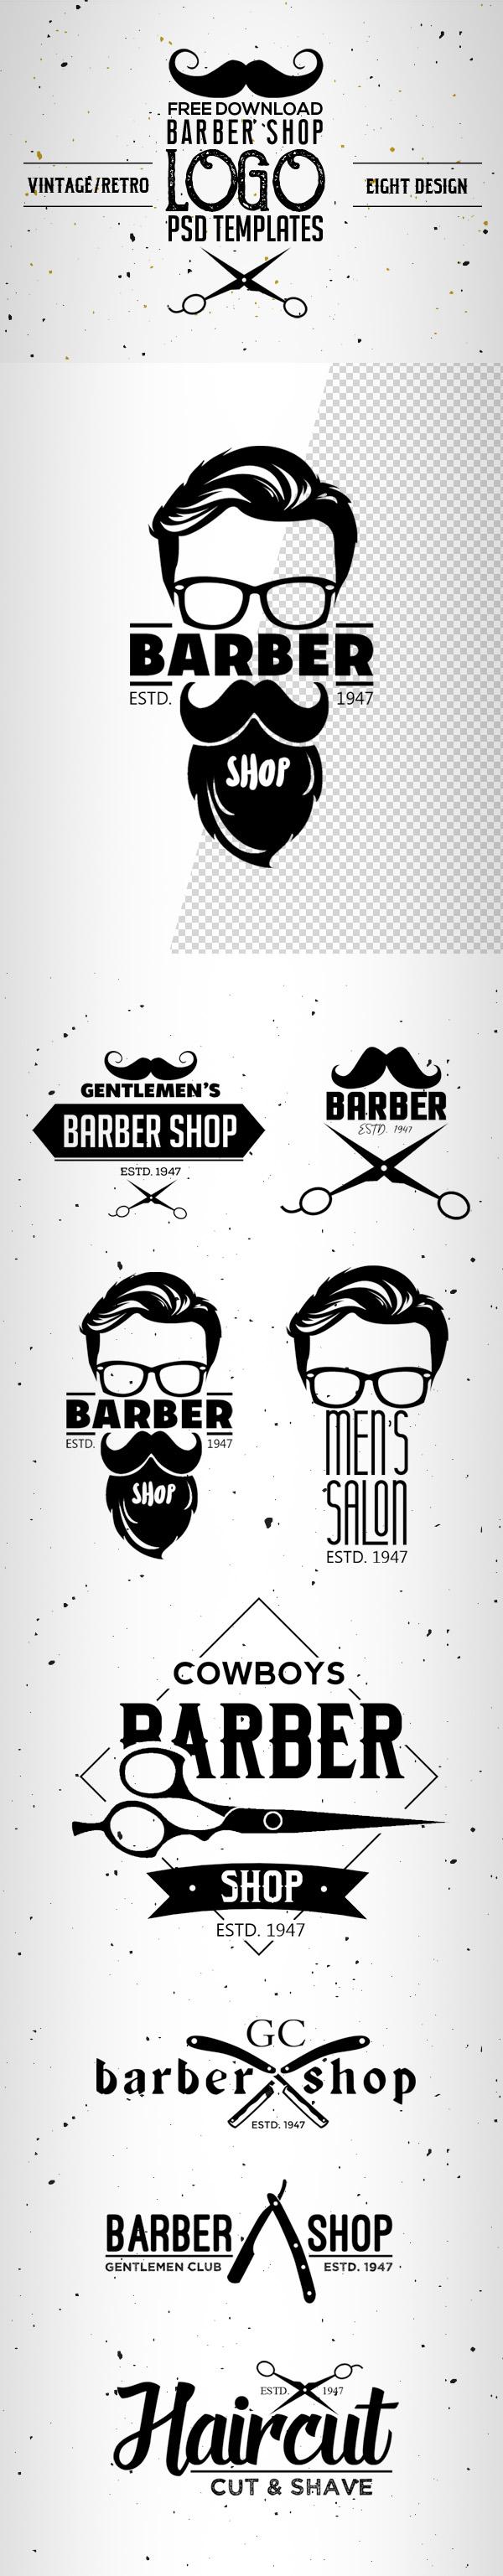 8 Free Vintage Barber Shop Logo Templates (PSD)